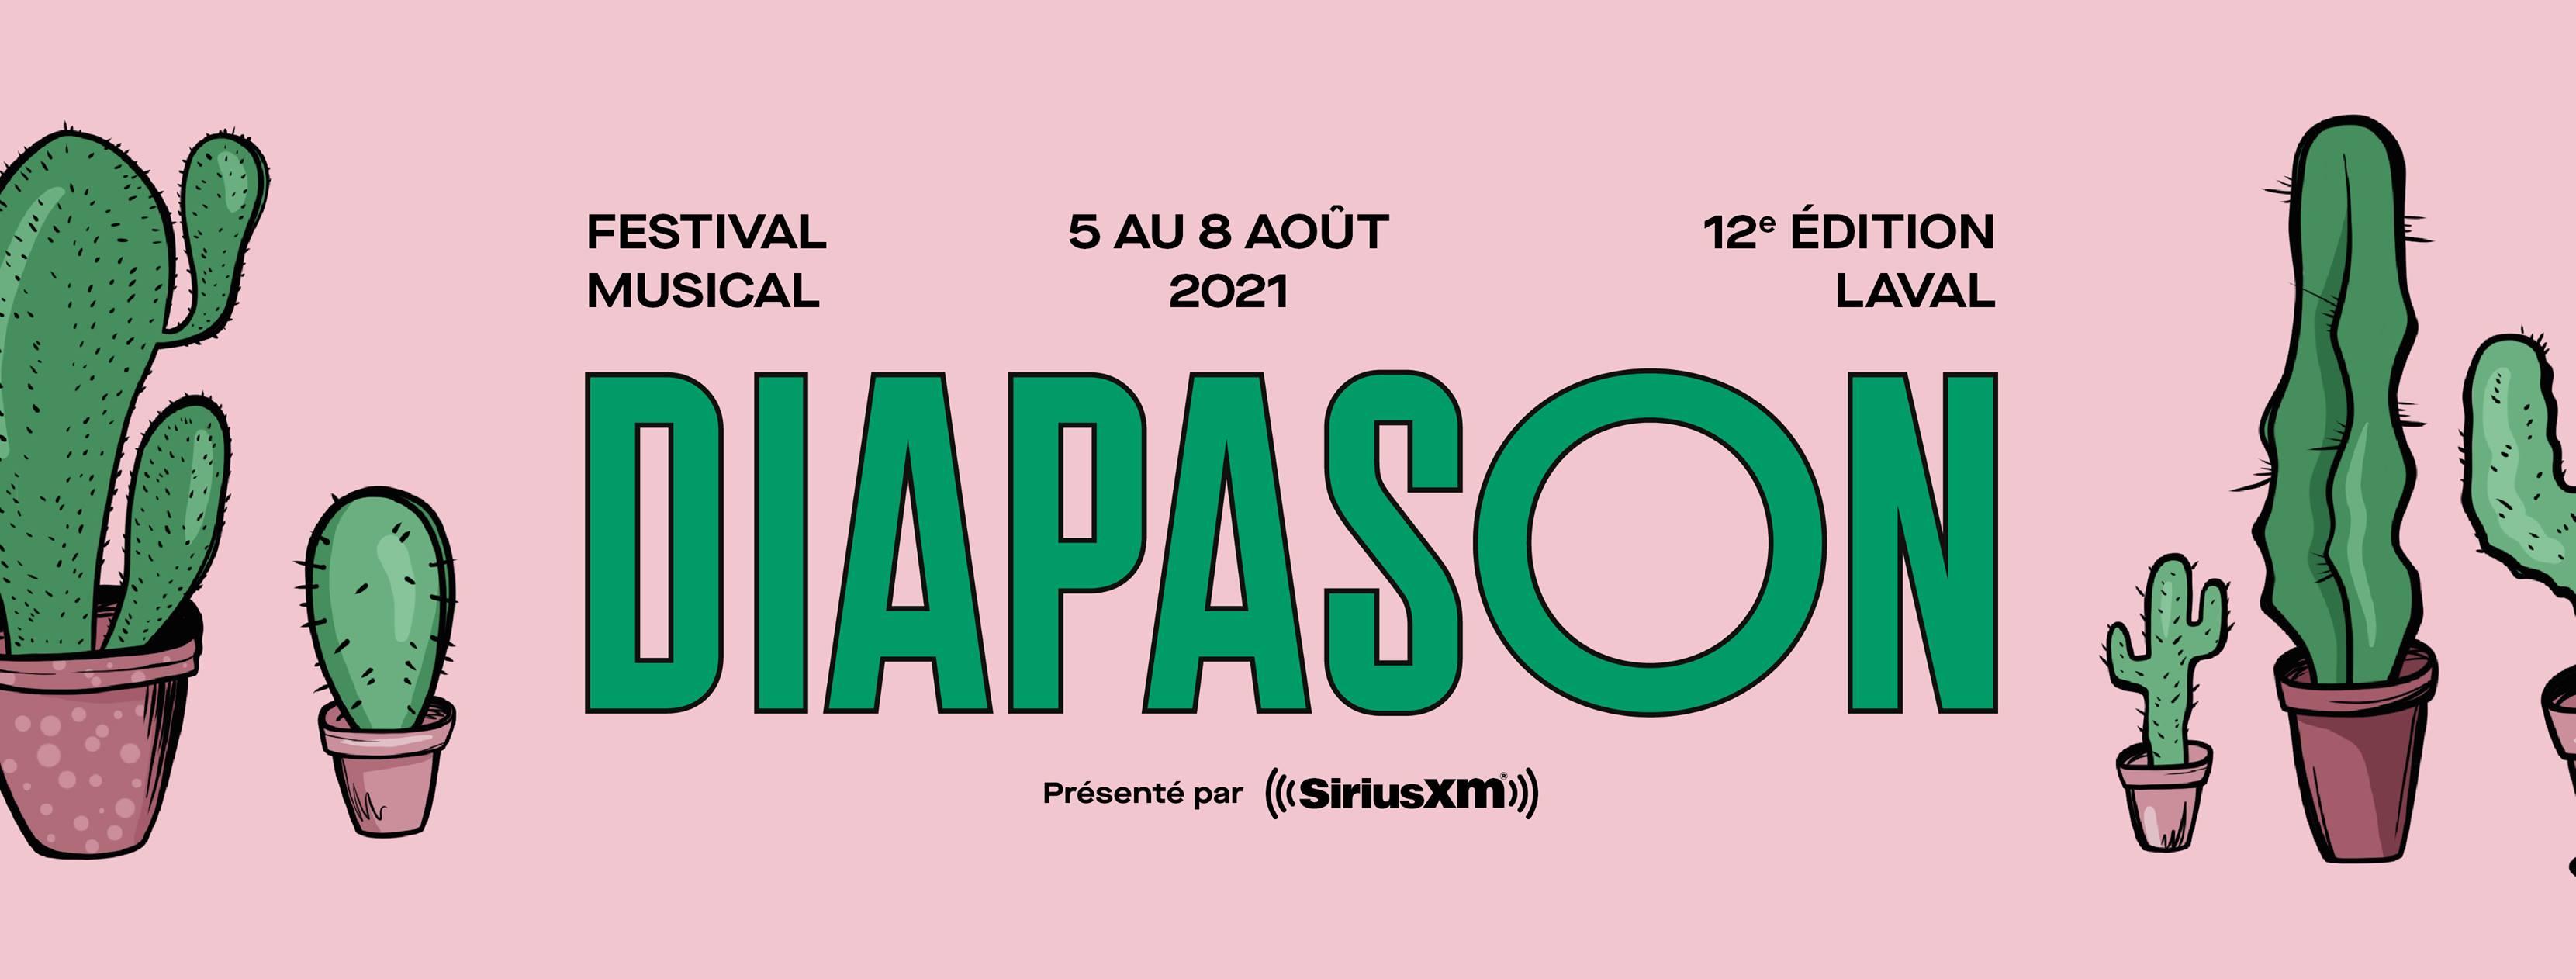 Festival Diapason 2019